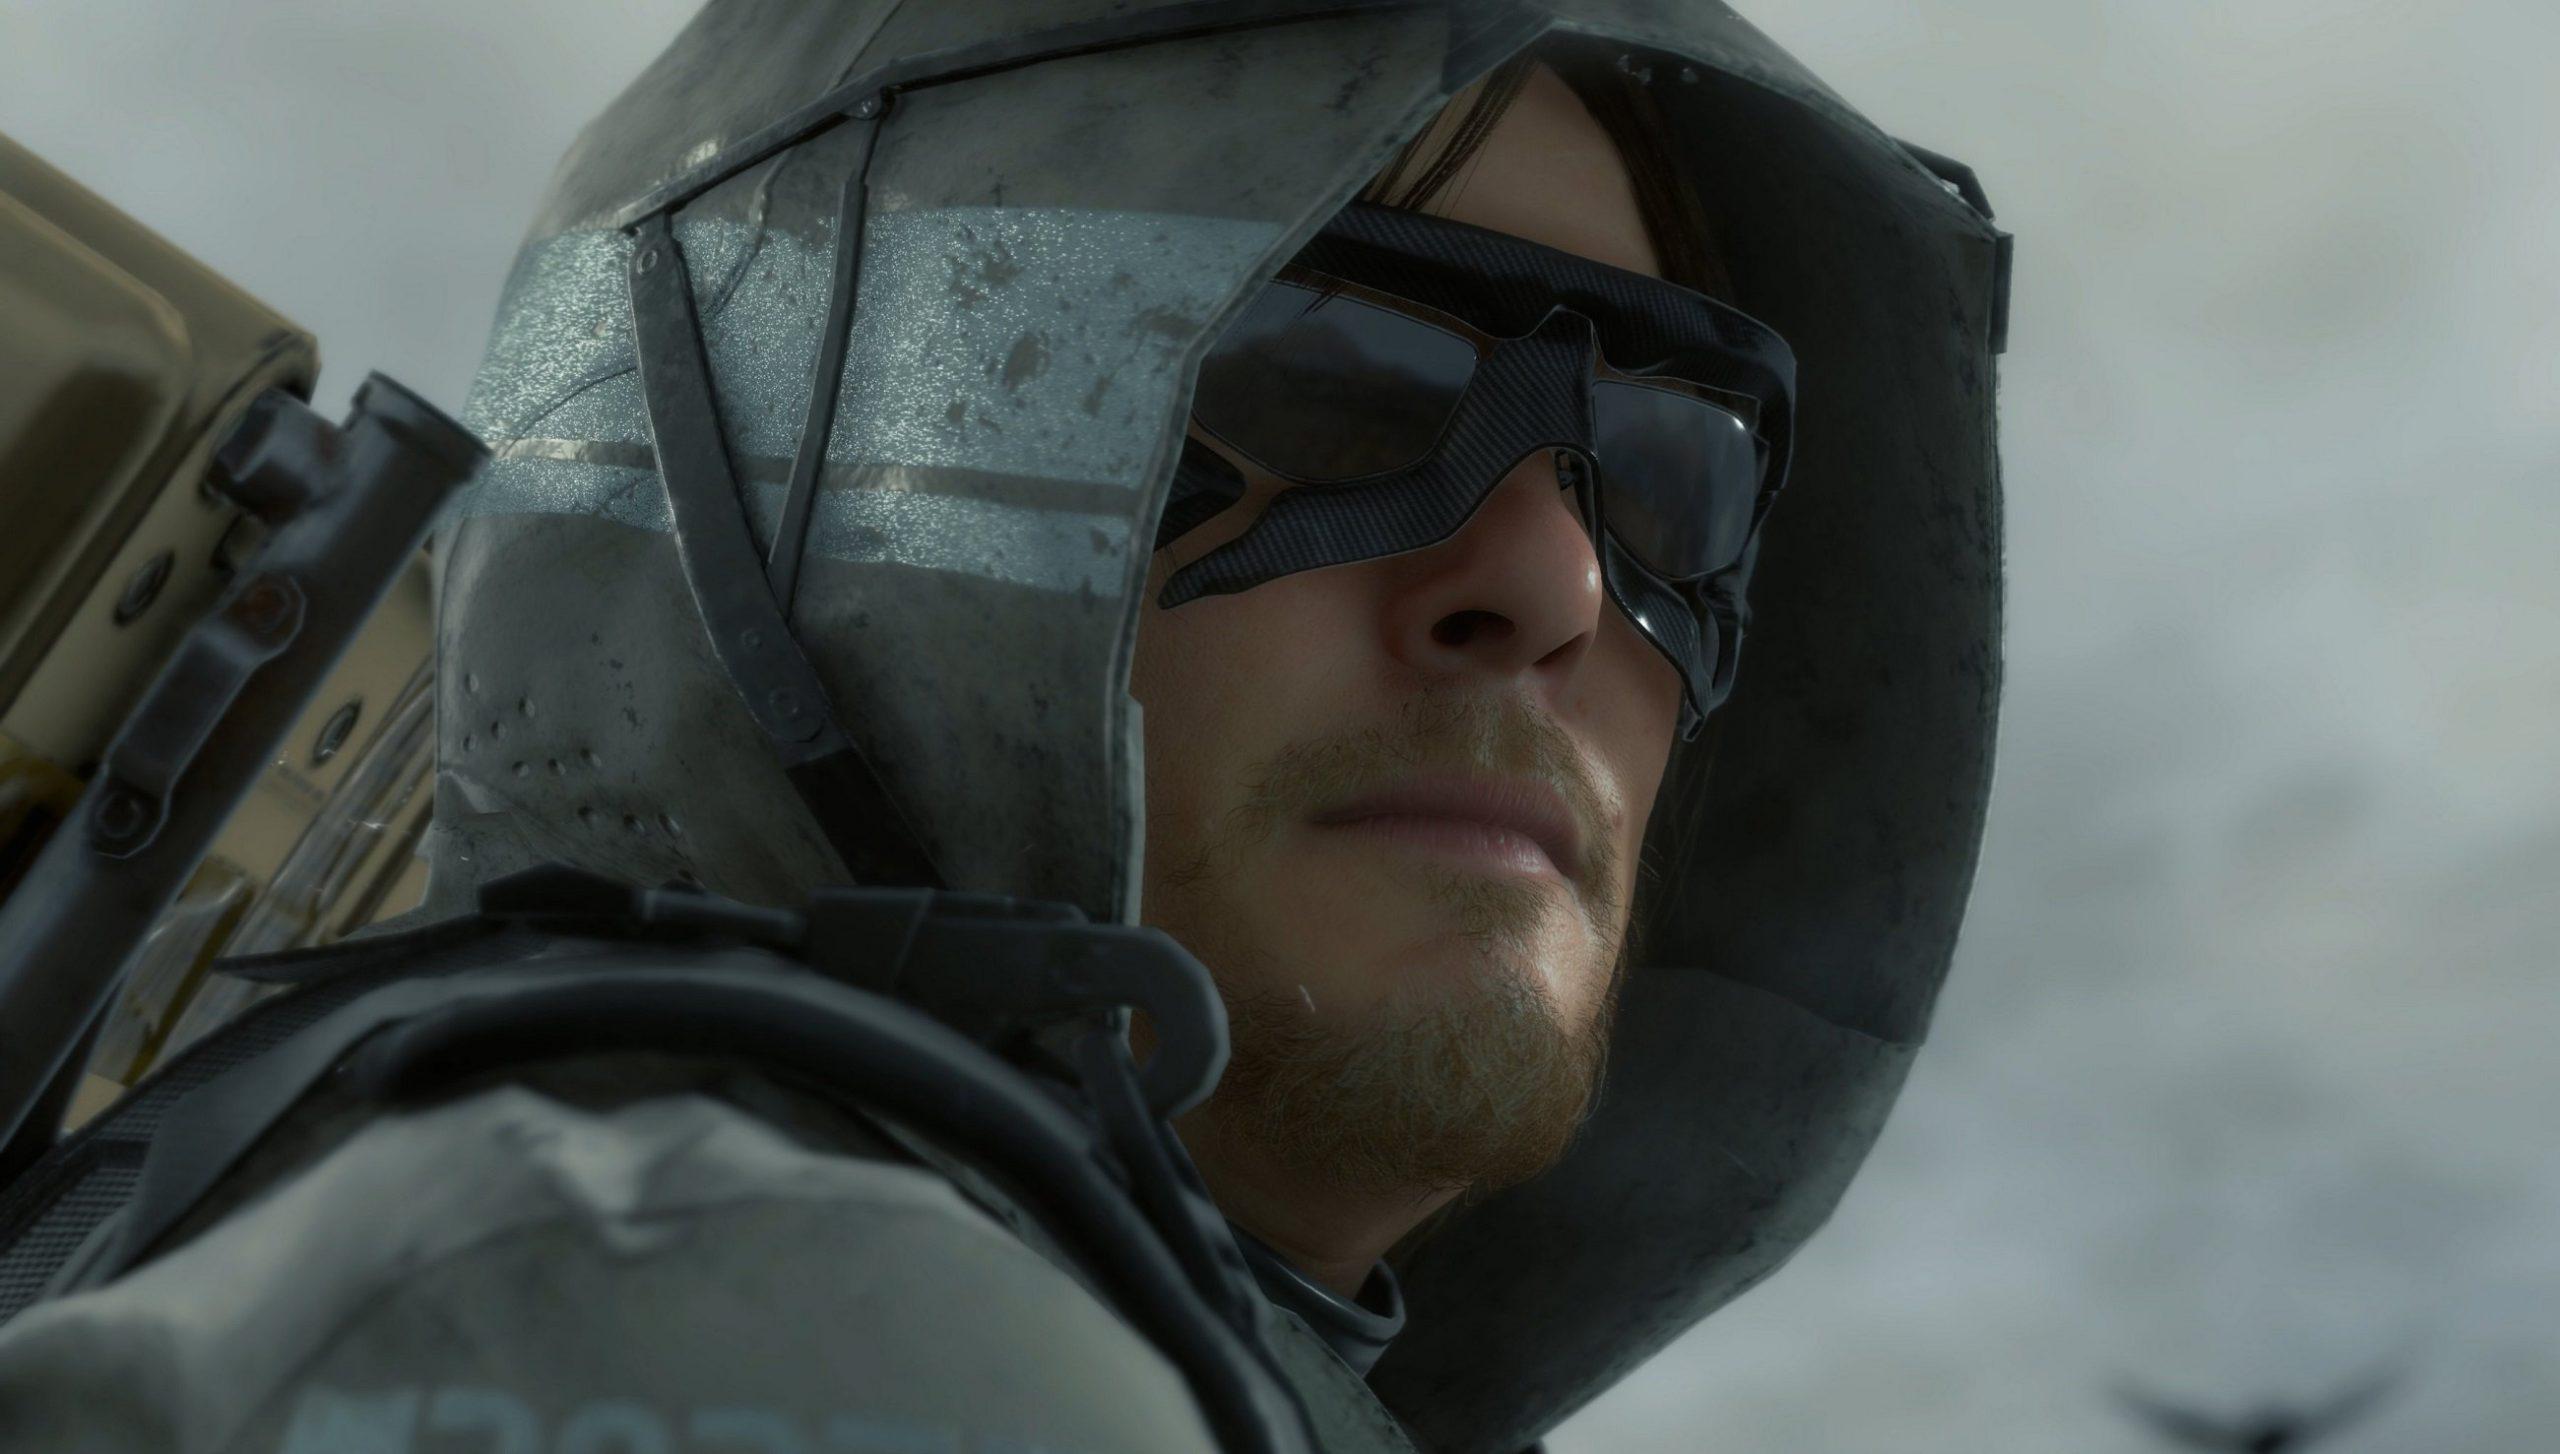 Comment se procurer des lunettes de soleil JF Rey dans Death Stranding